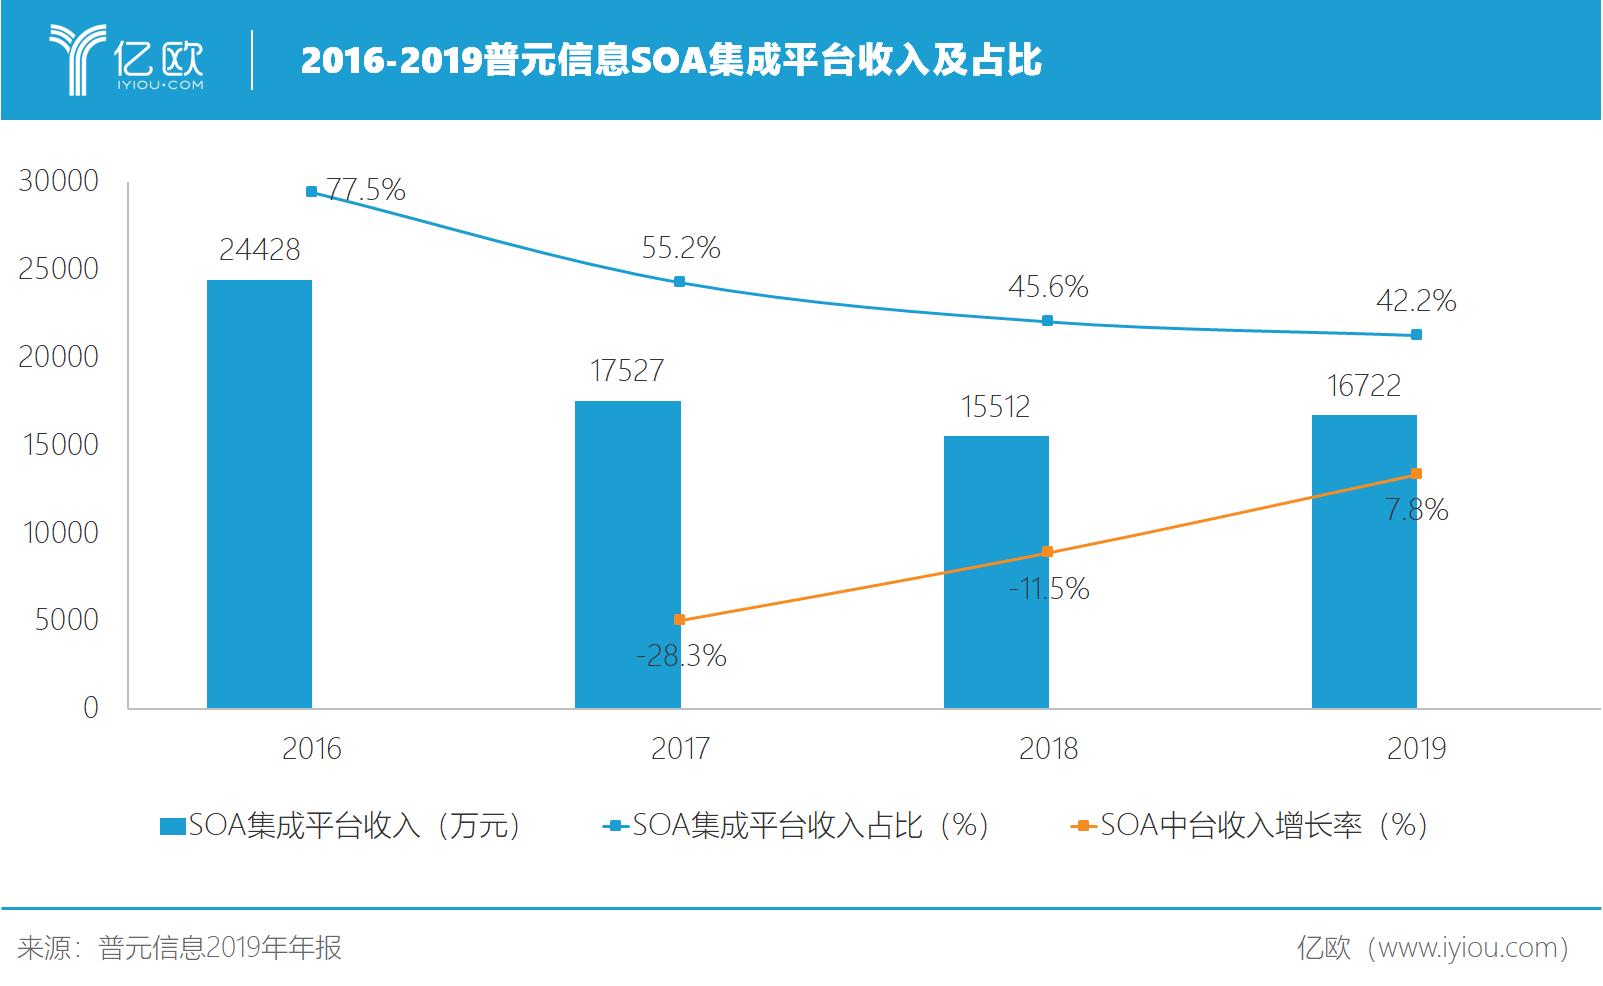 2016-2019普元信息SOA集成平台收入及占比.png